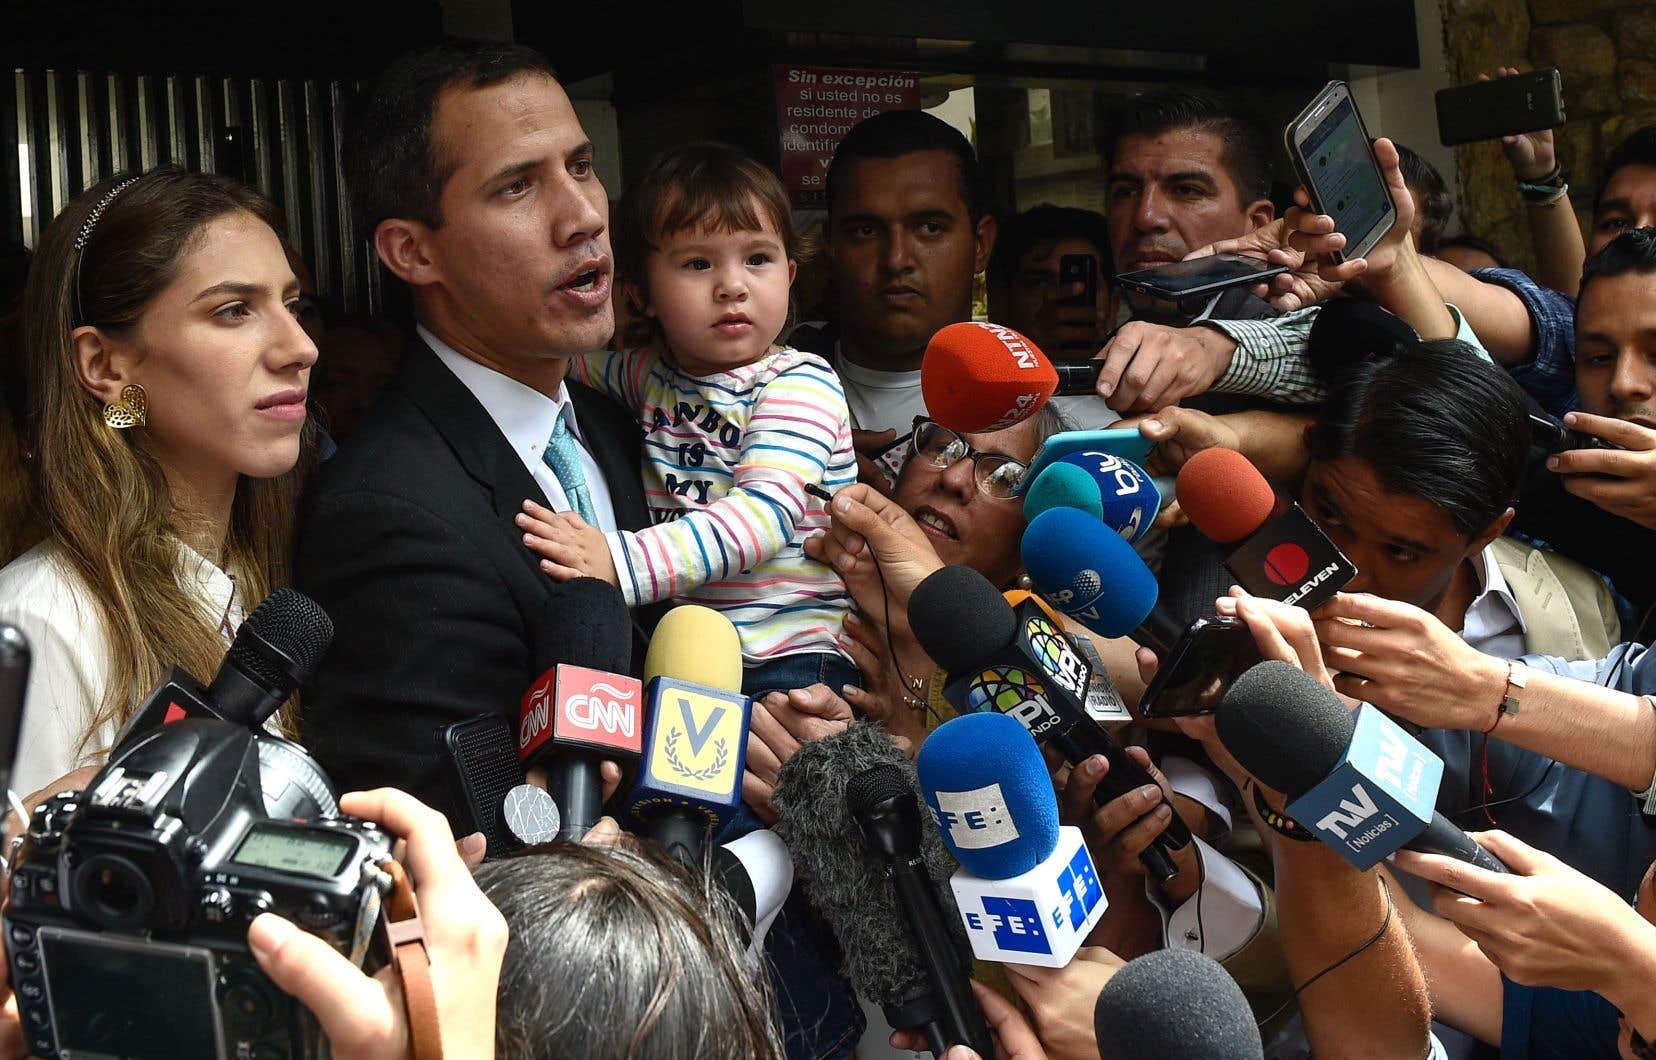 Devant la presse vénézuélienne, Juan Guaidó a affirmé que sa famille avait été victime d'une tentative d'intimidation par des hommes disant faire partie des forces spéciales de la police.